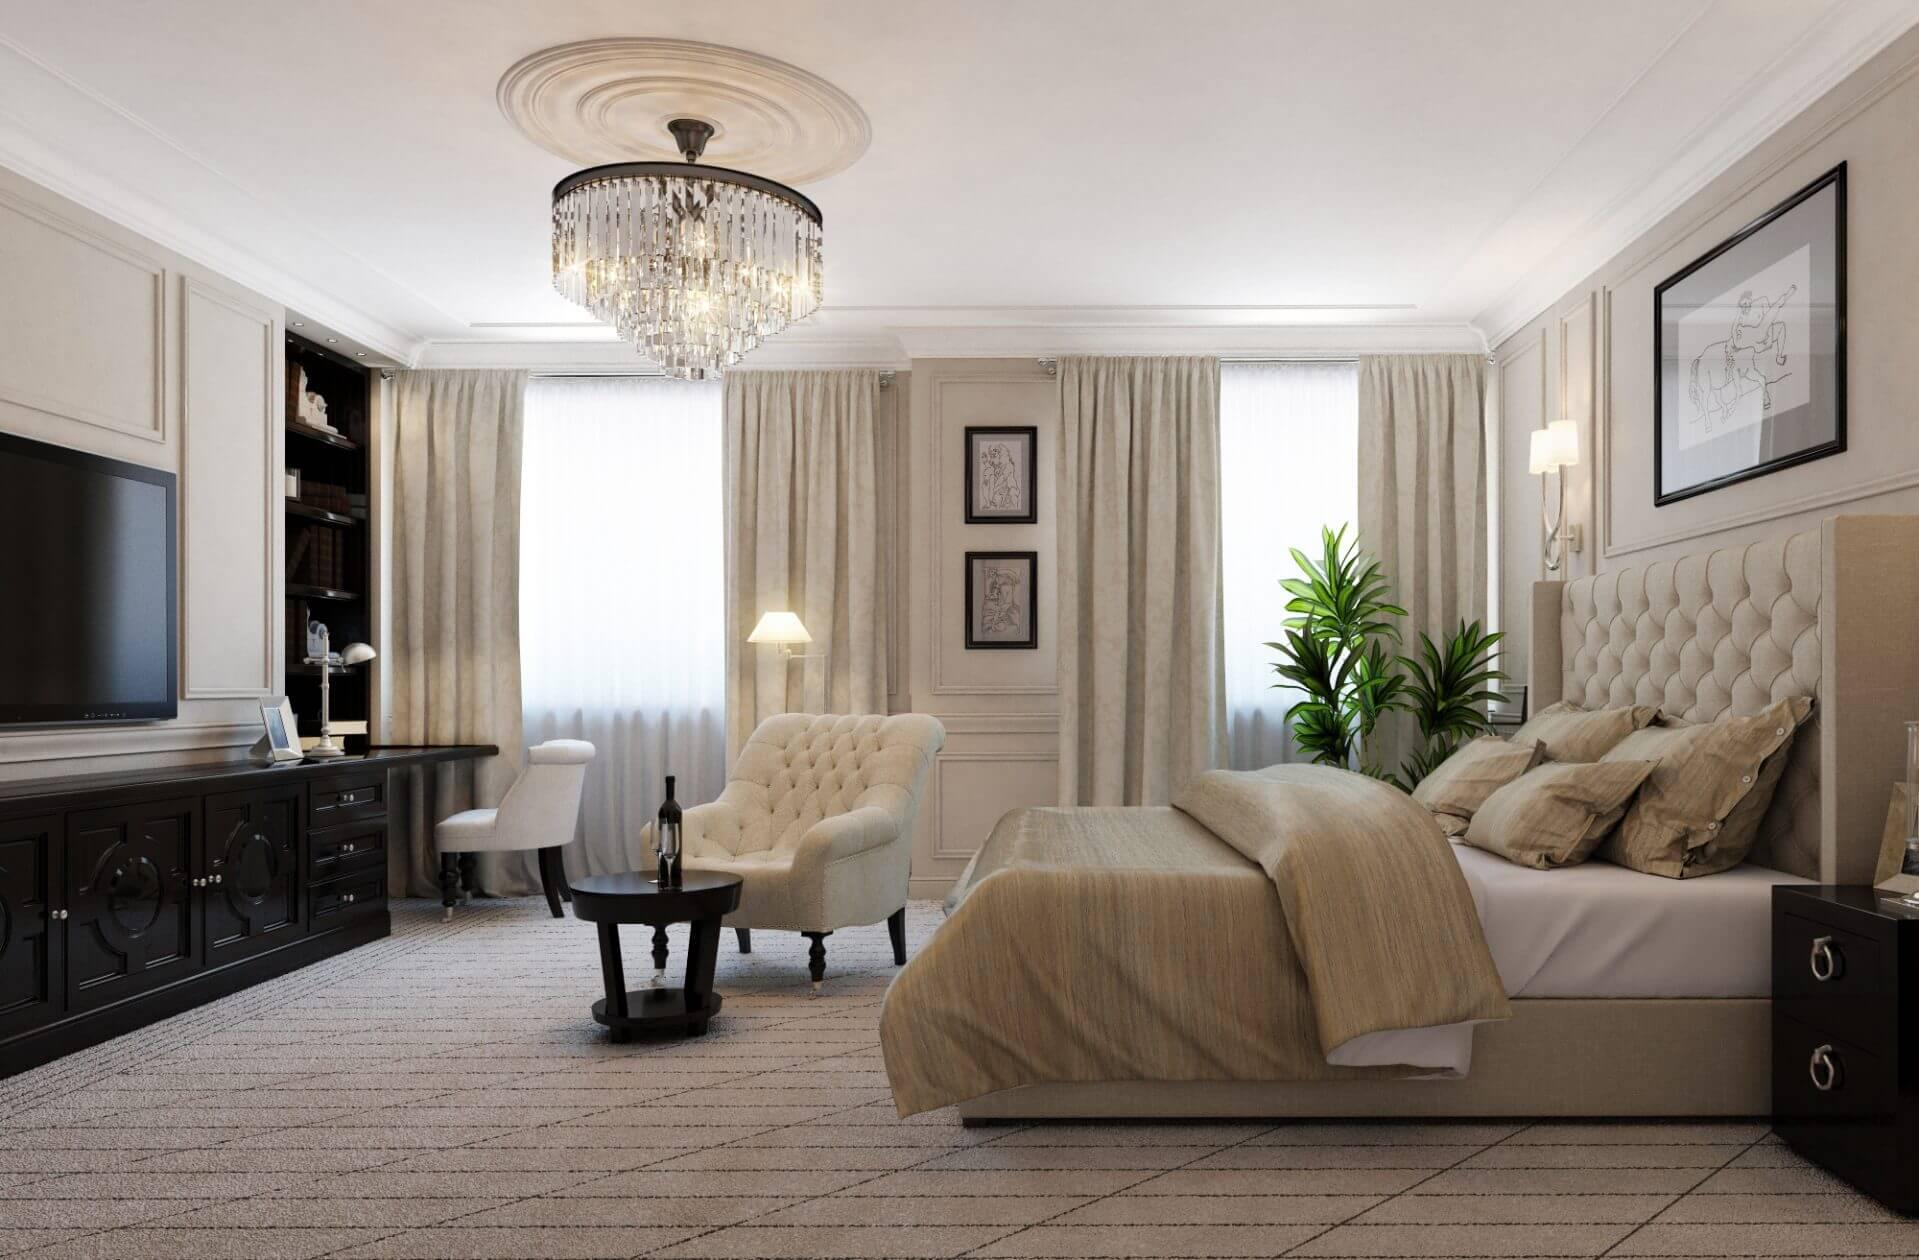 Báo giá thi công nội thất chung cư full nội thất trọn gói tại TPHCM